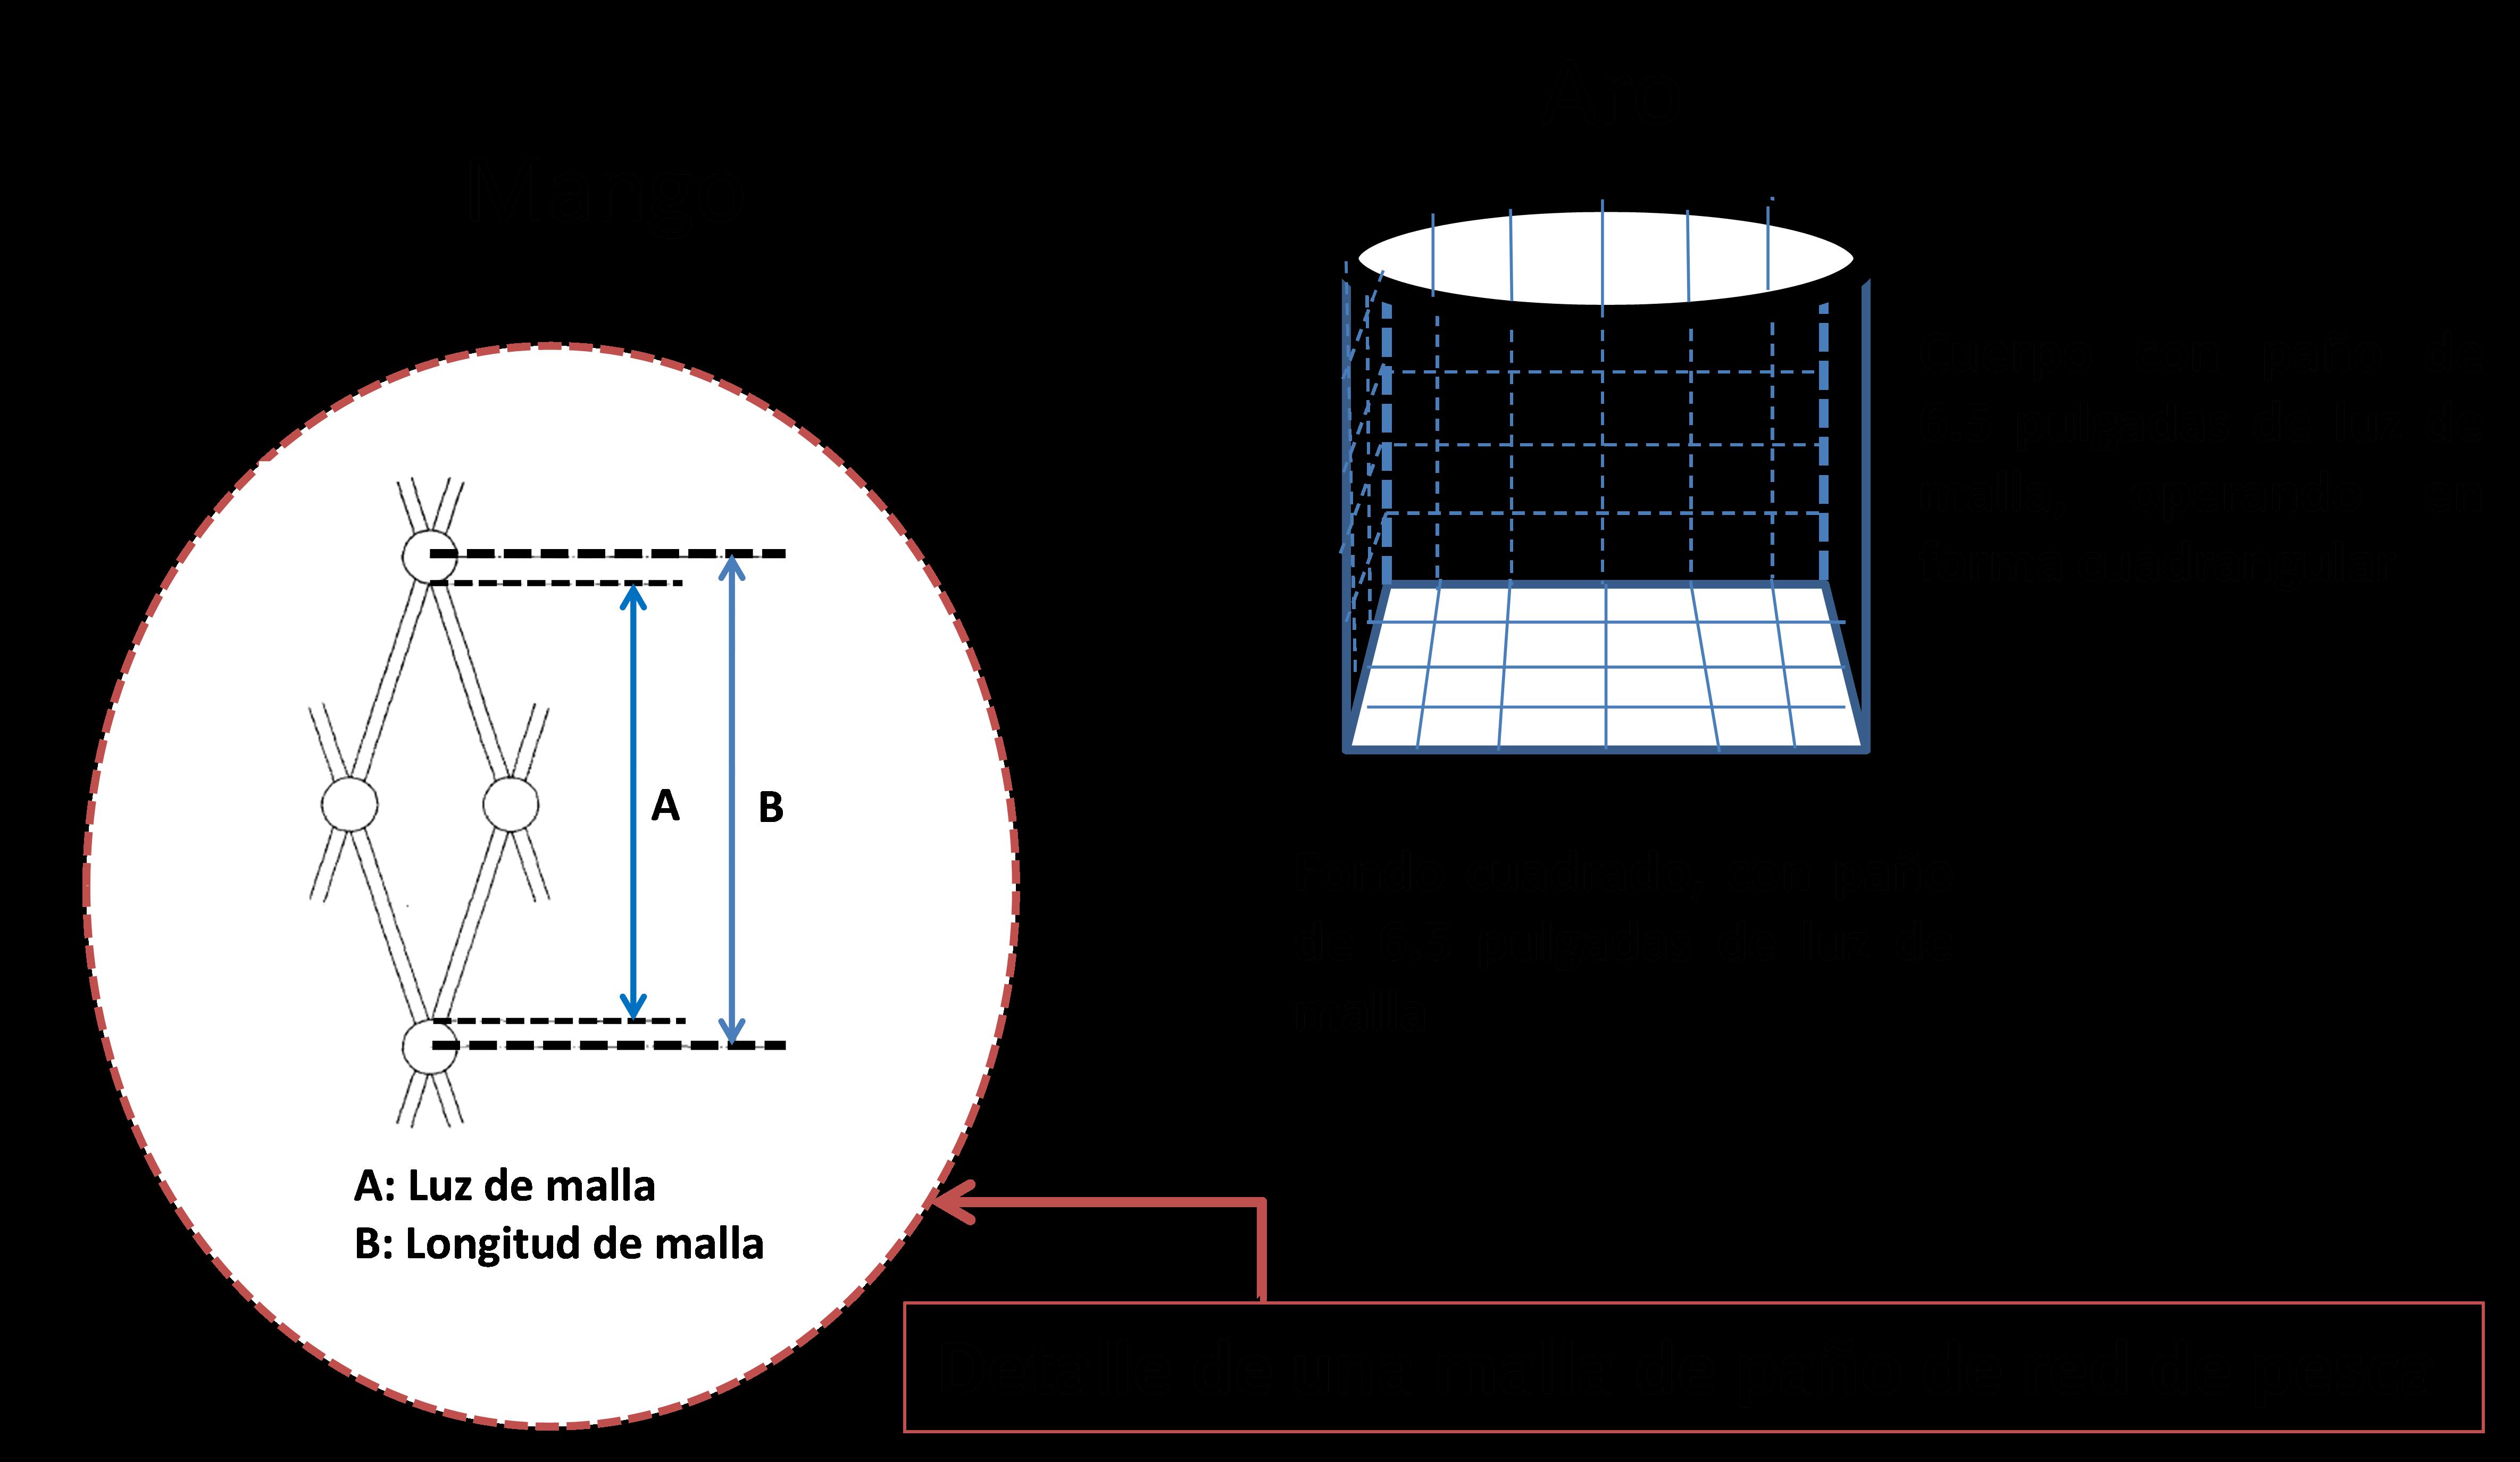 diagrama de red para captura de Medusa bola de cañón